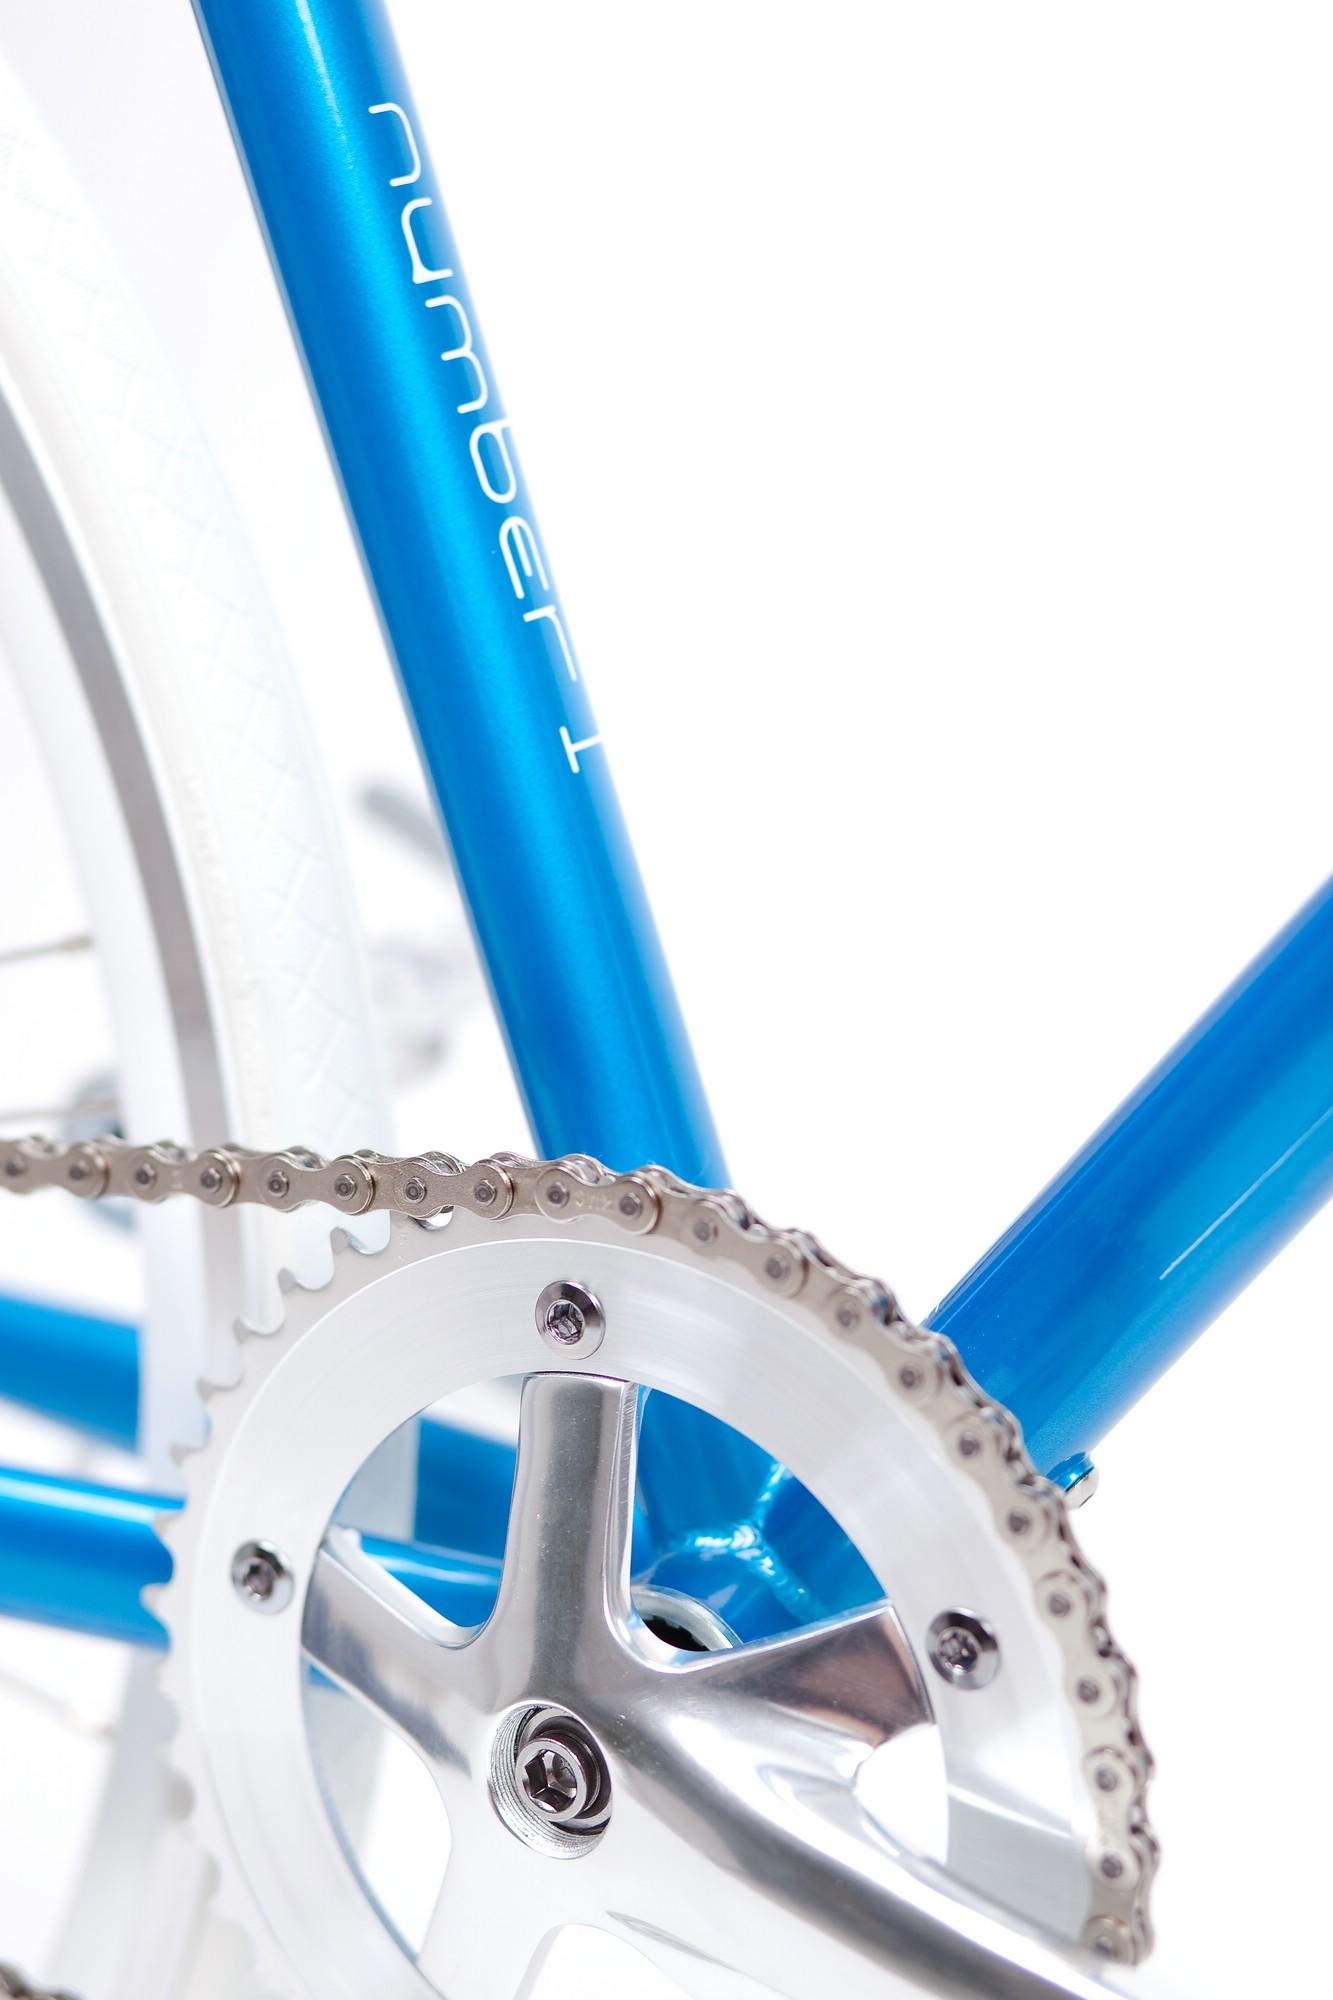 Single Speed Bike cruise turquoise, limited